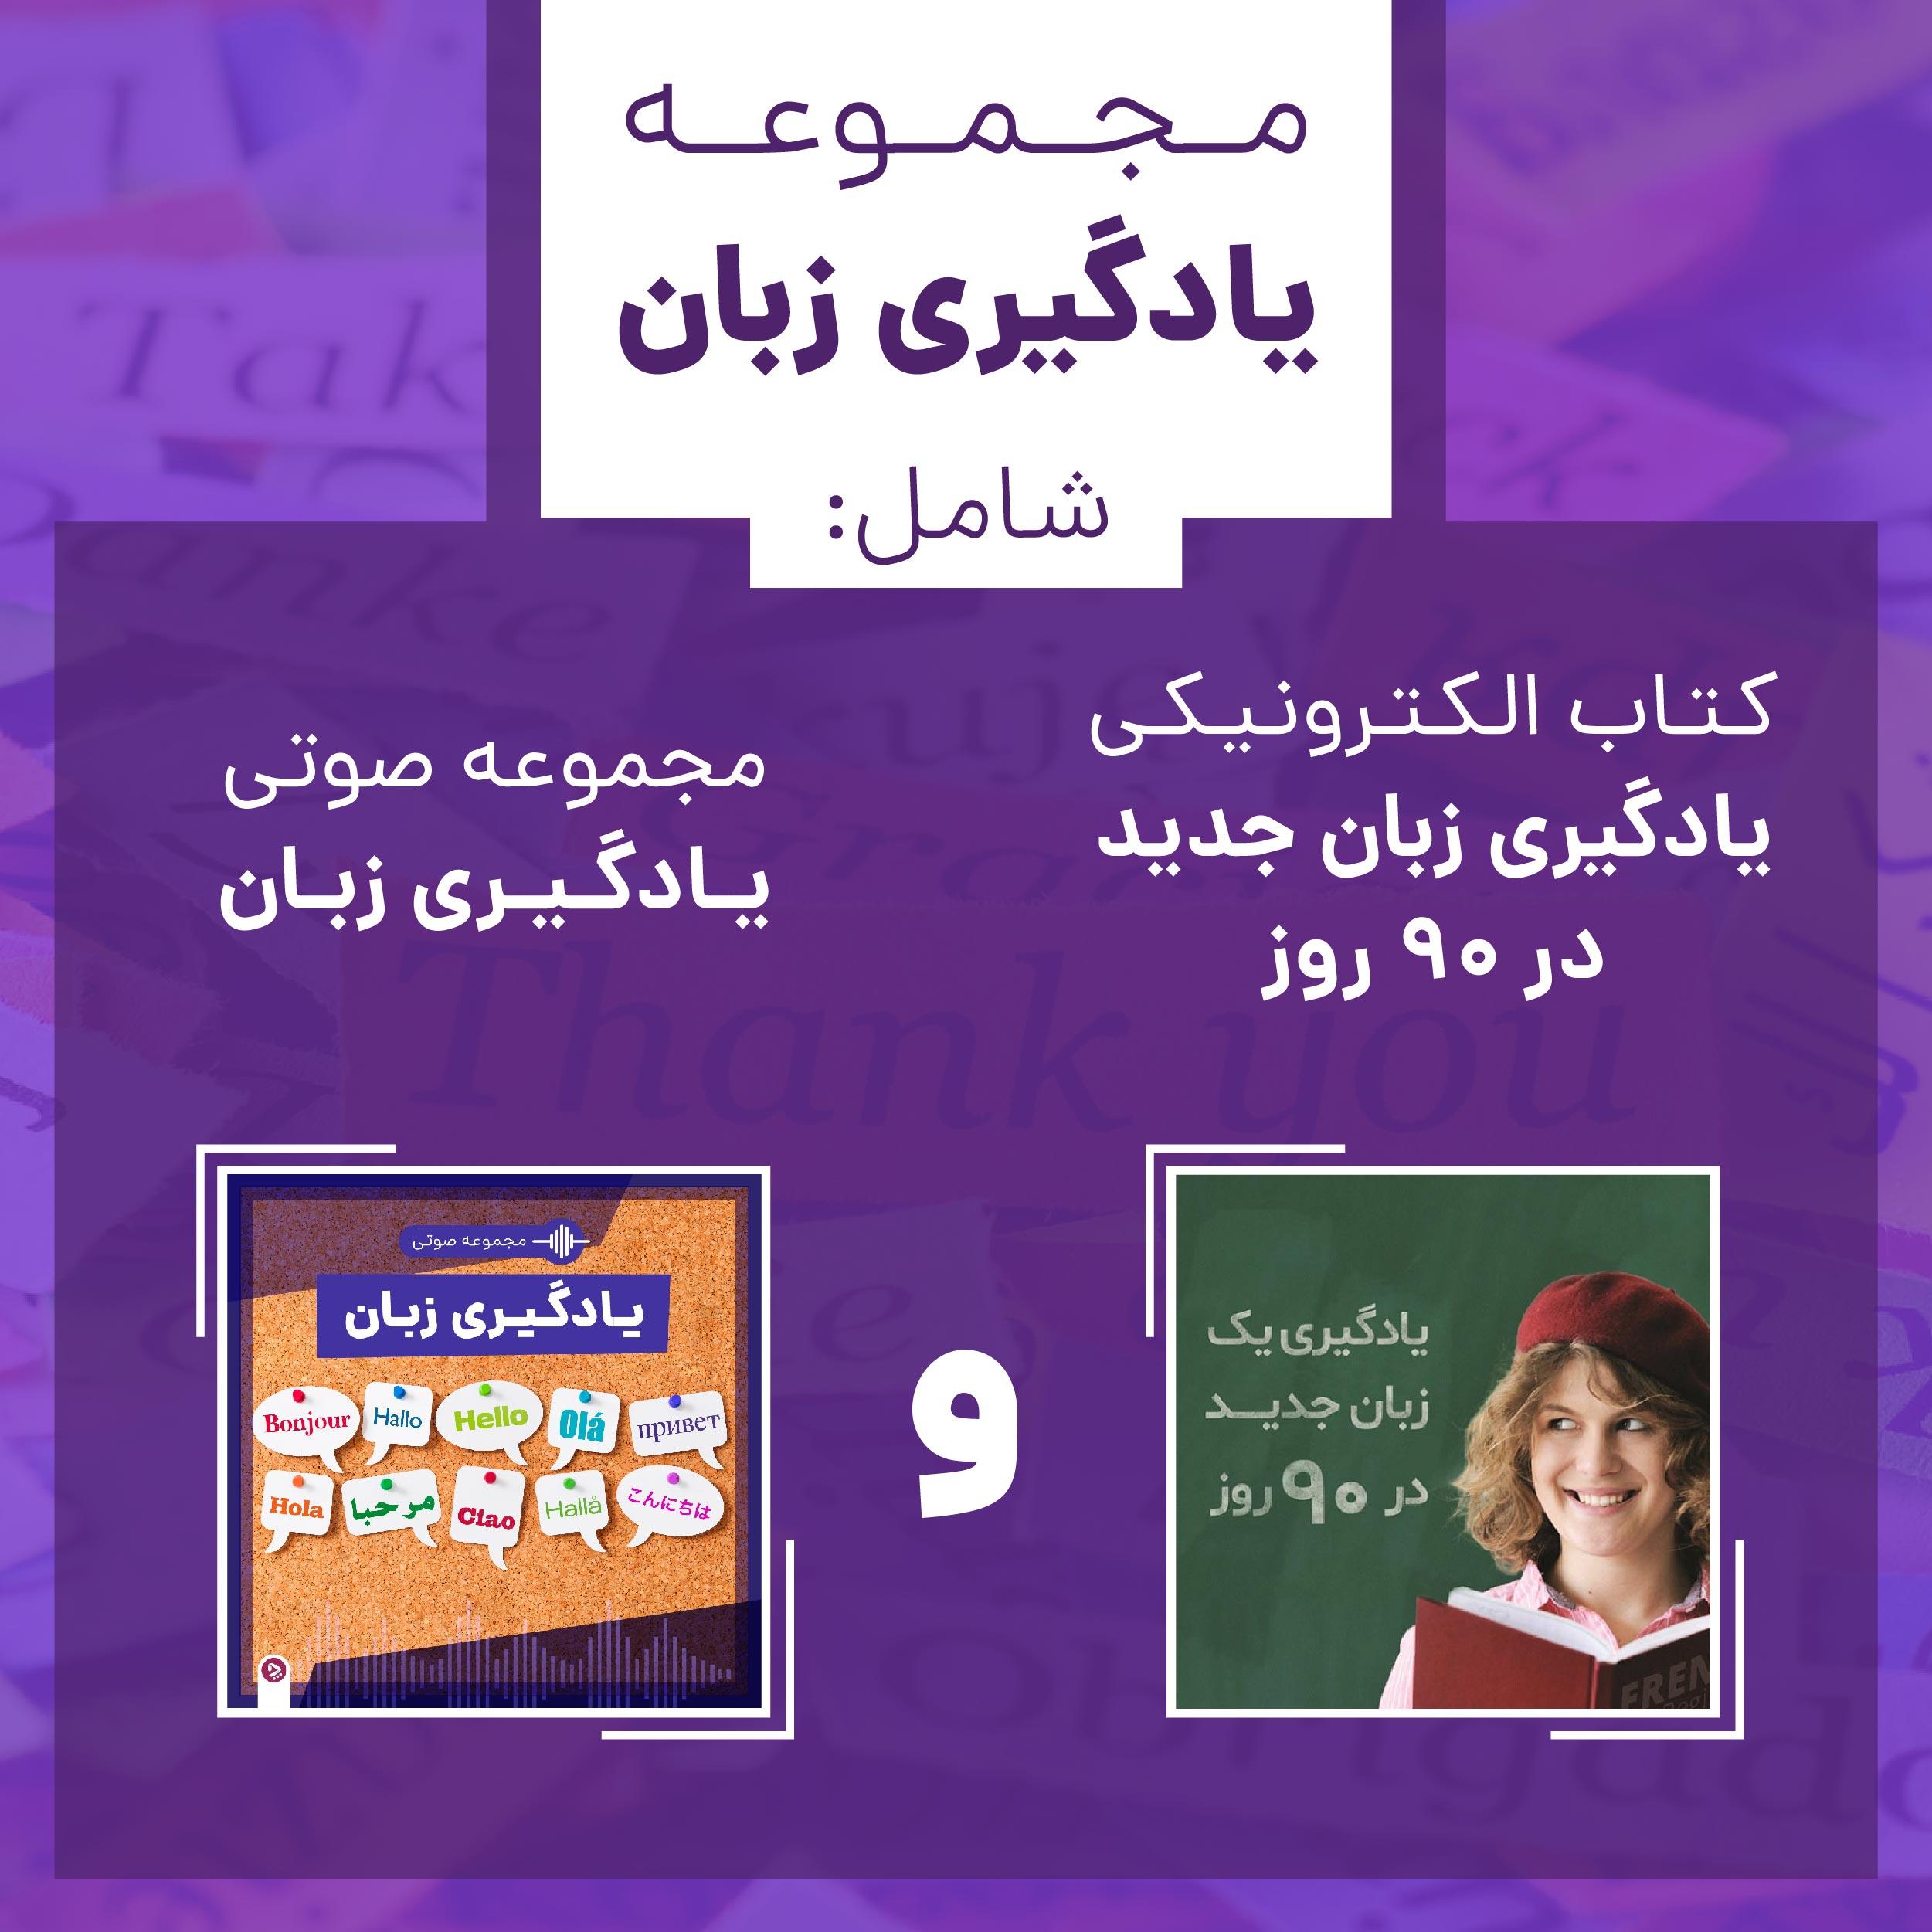 ۸ اپلیکیشن یادگیری زبان انگلیسی برای علاقمندان و دانشجویان زبان انگلیسی